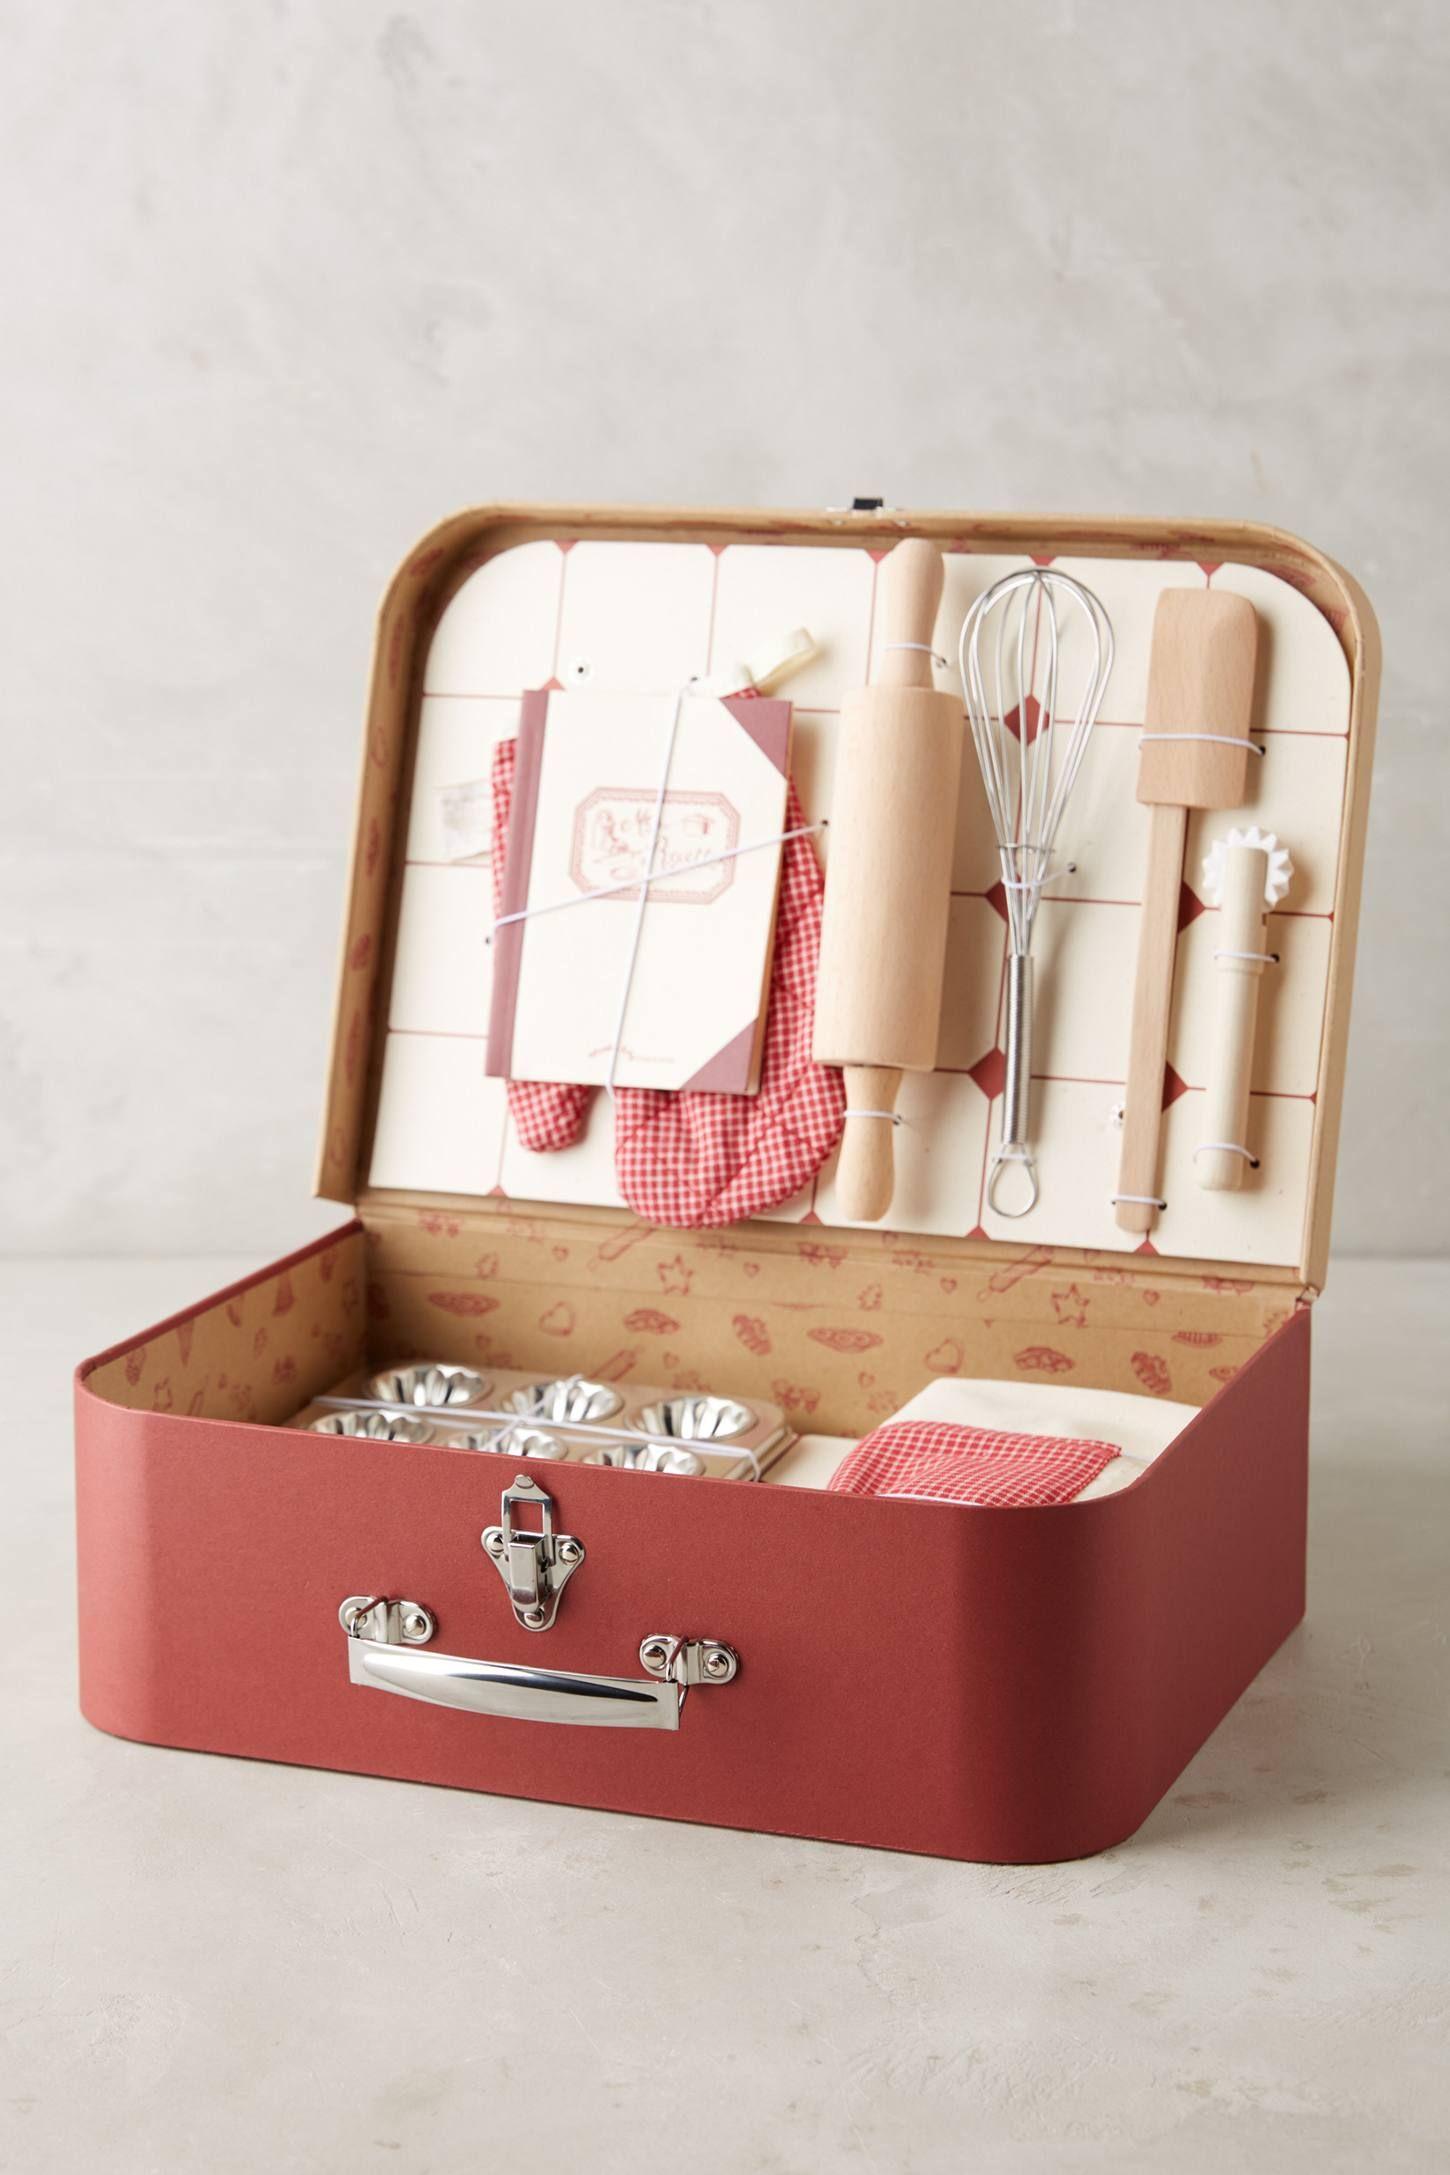 Childrens baking kit baking kit cooking kits for kids